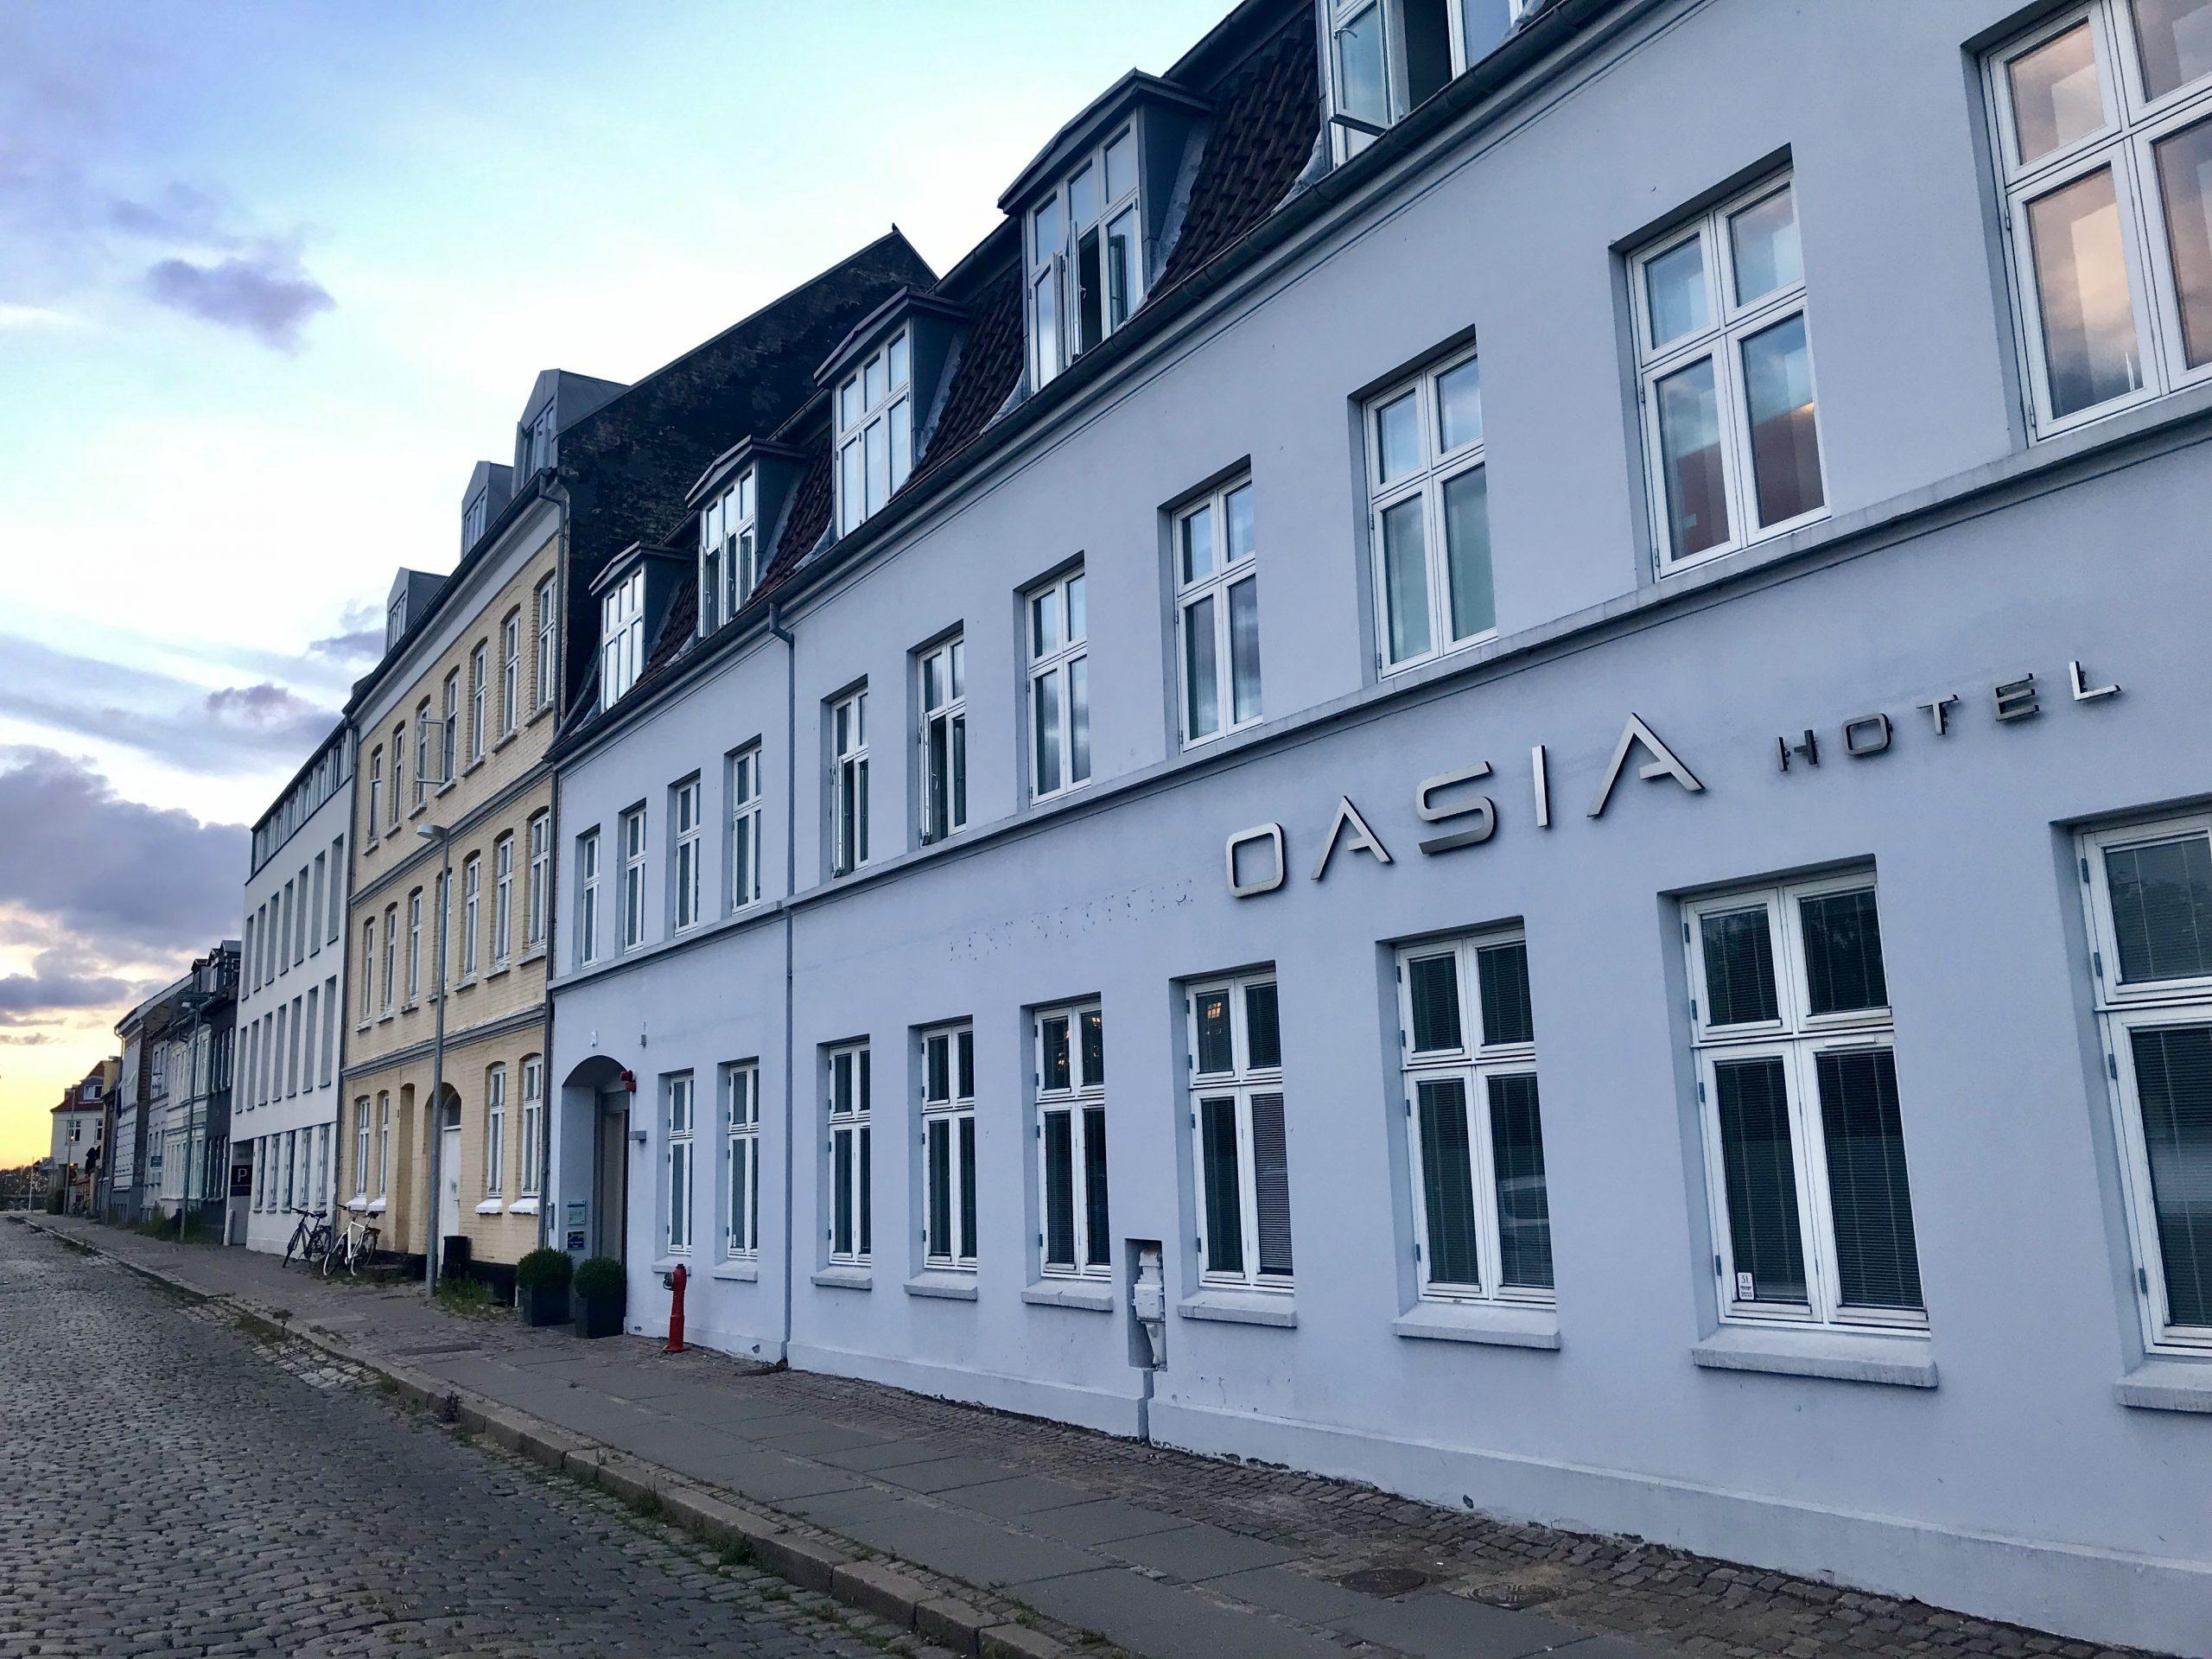 Hotel Oasia